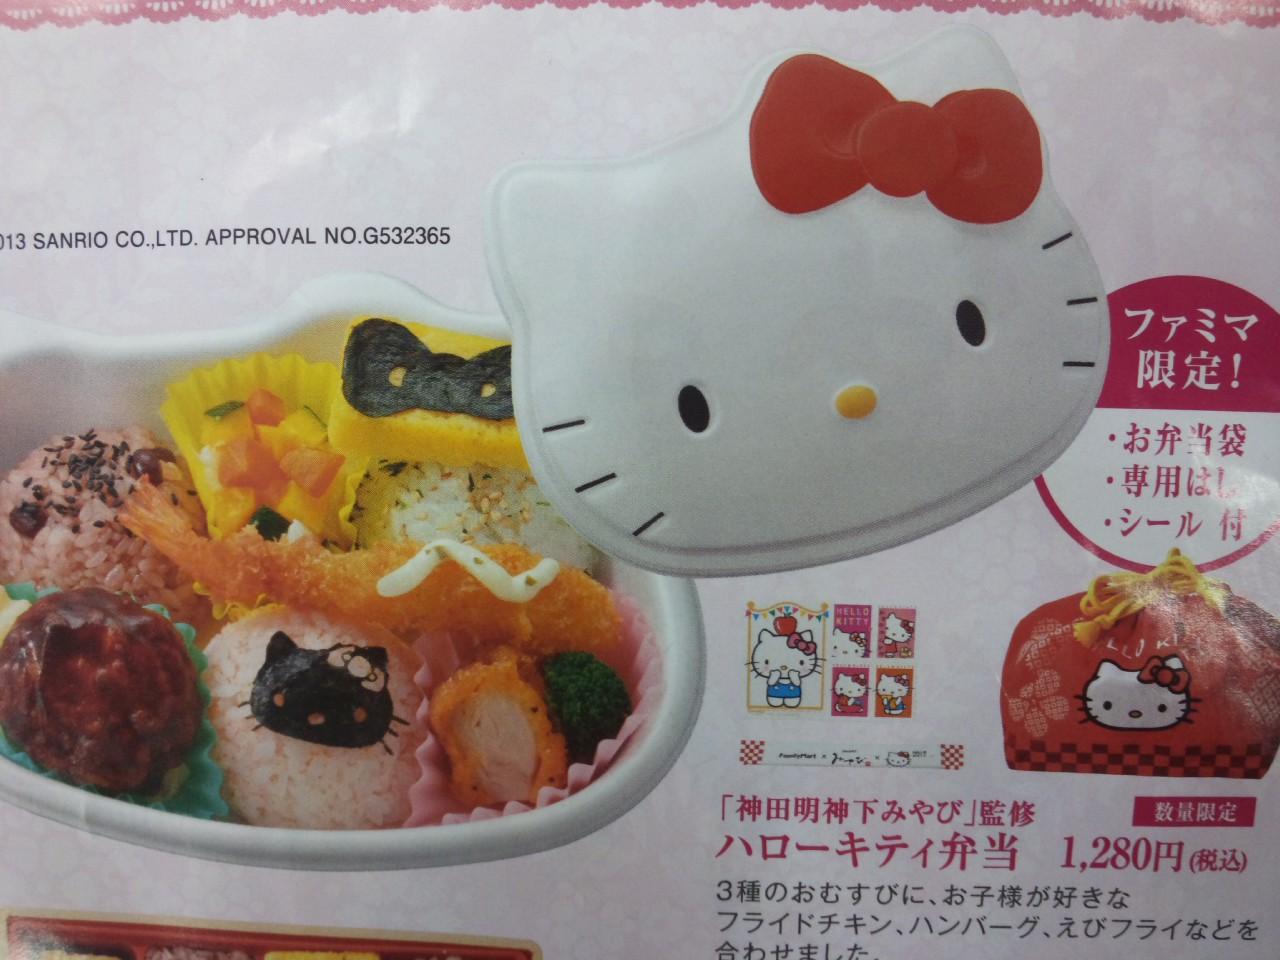 みやびキティ雛祭り弁当!